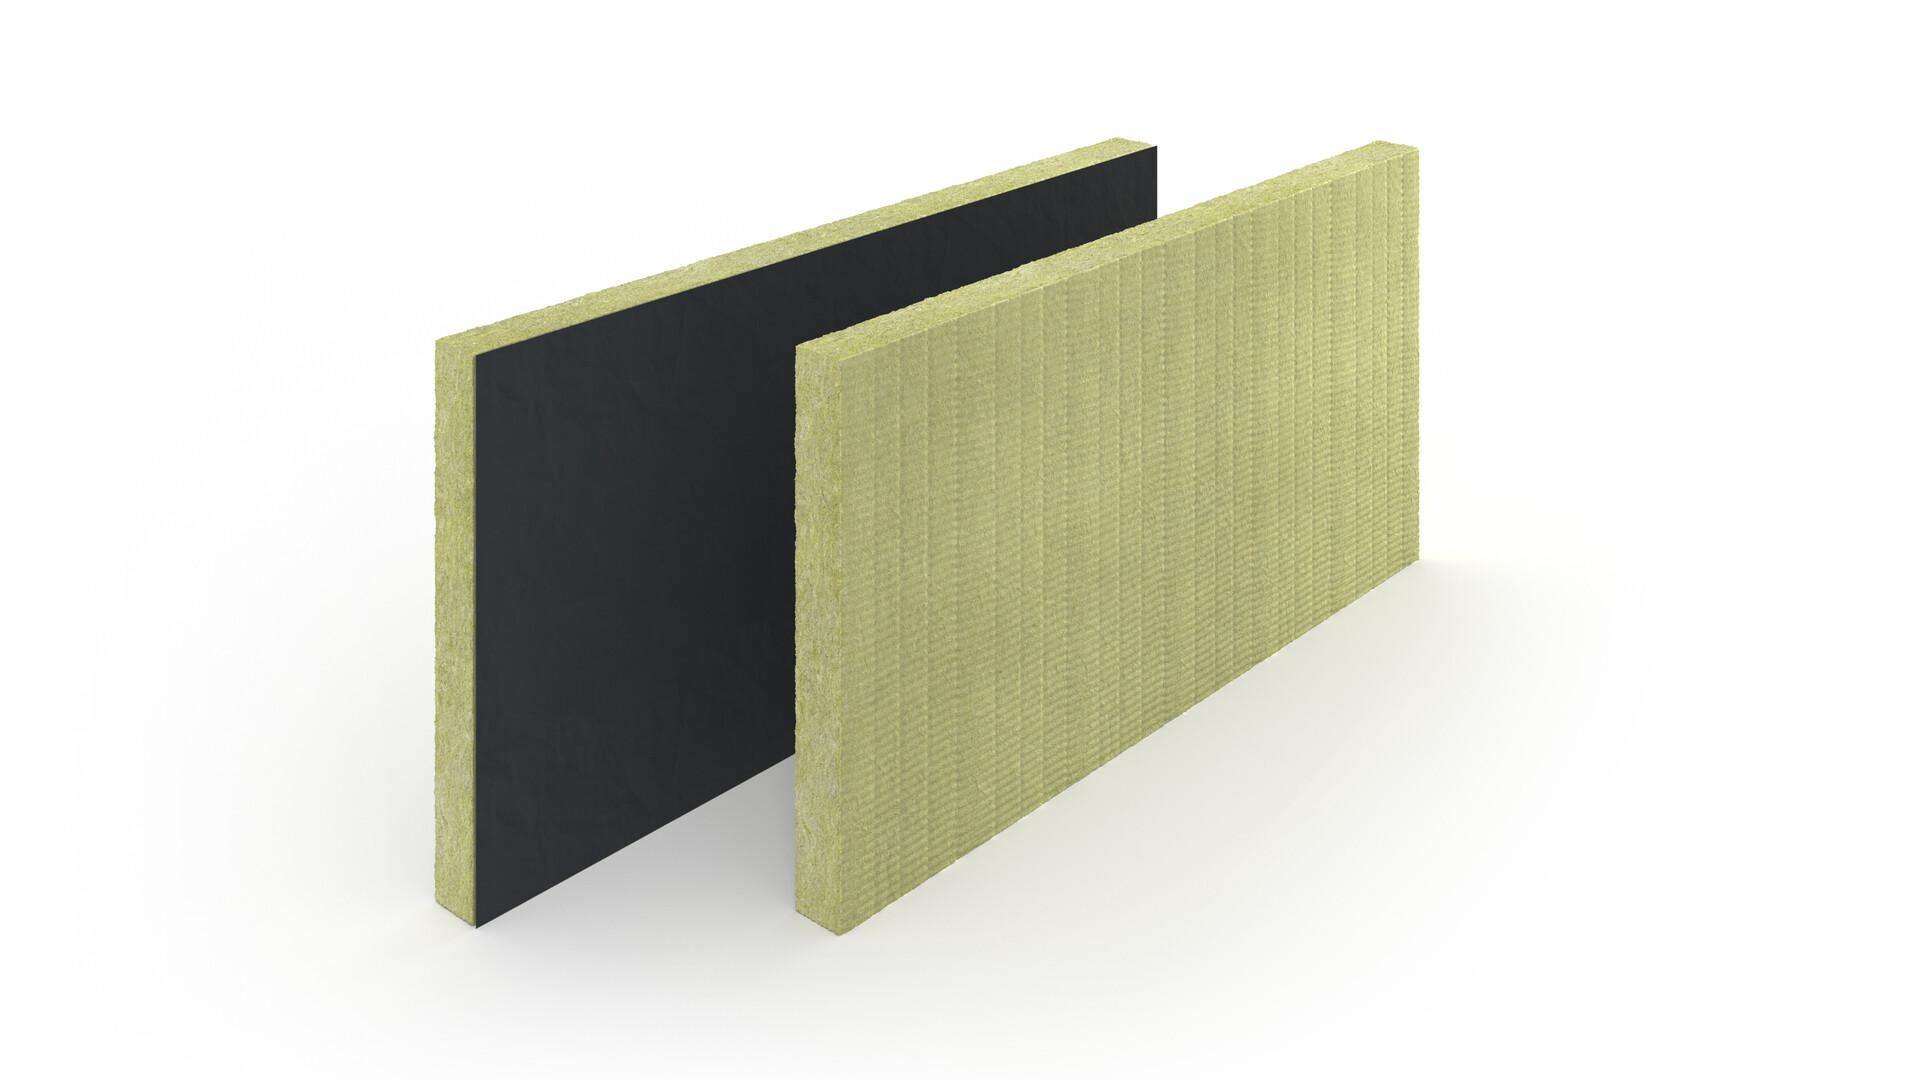 MetaalbouwPlaat 207 (SONO), productfoto, Metaalbouw